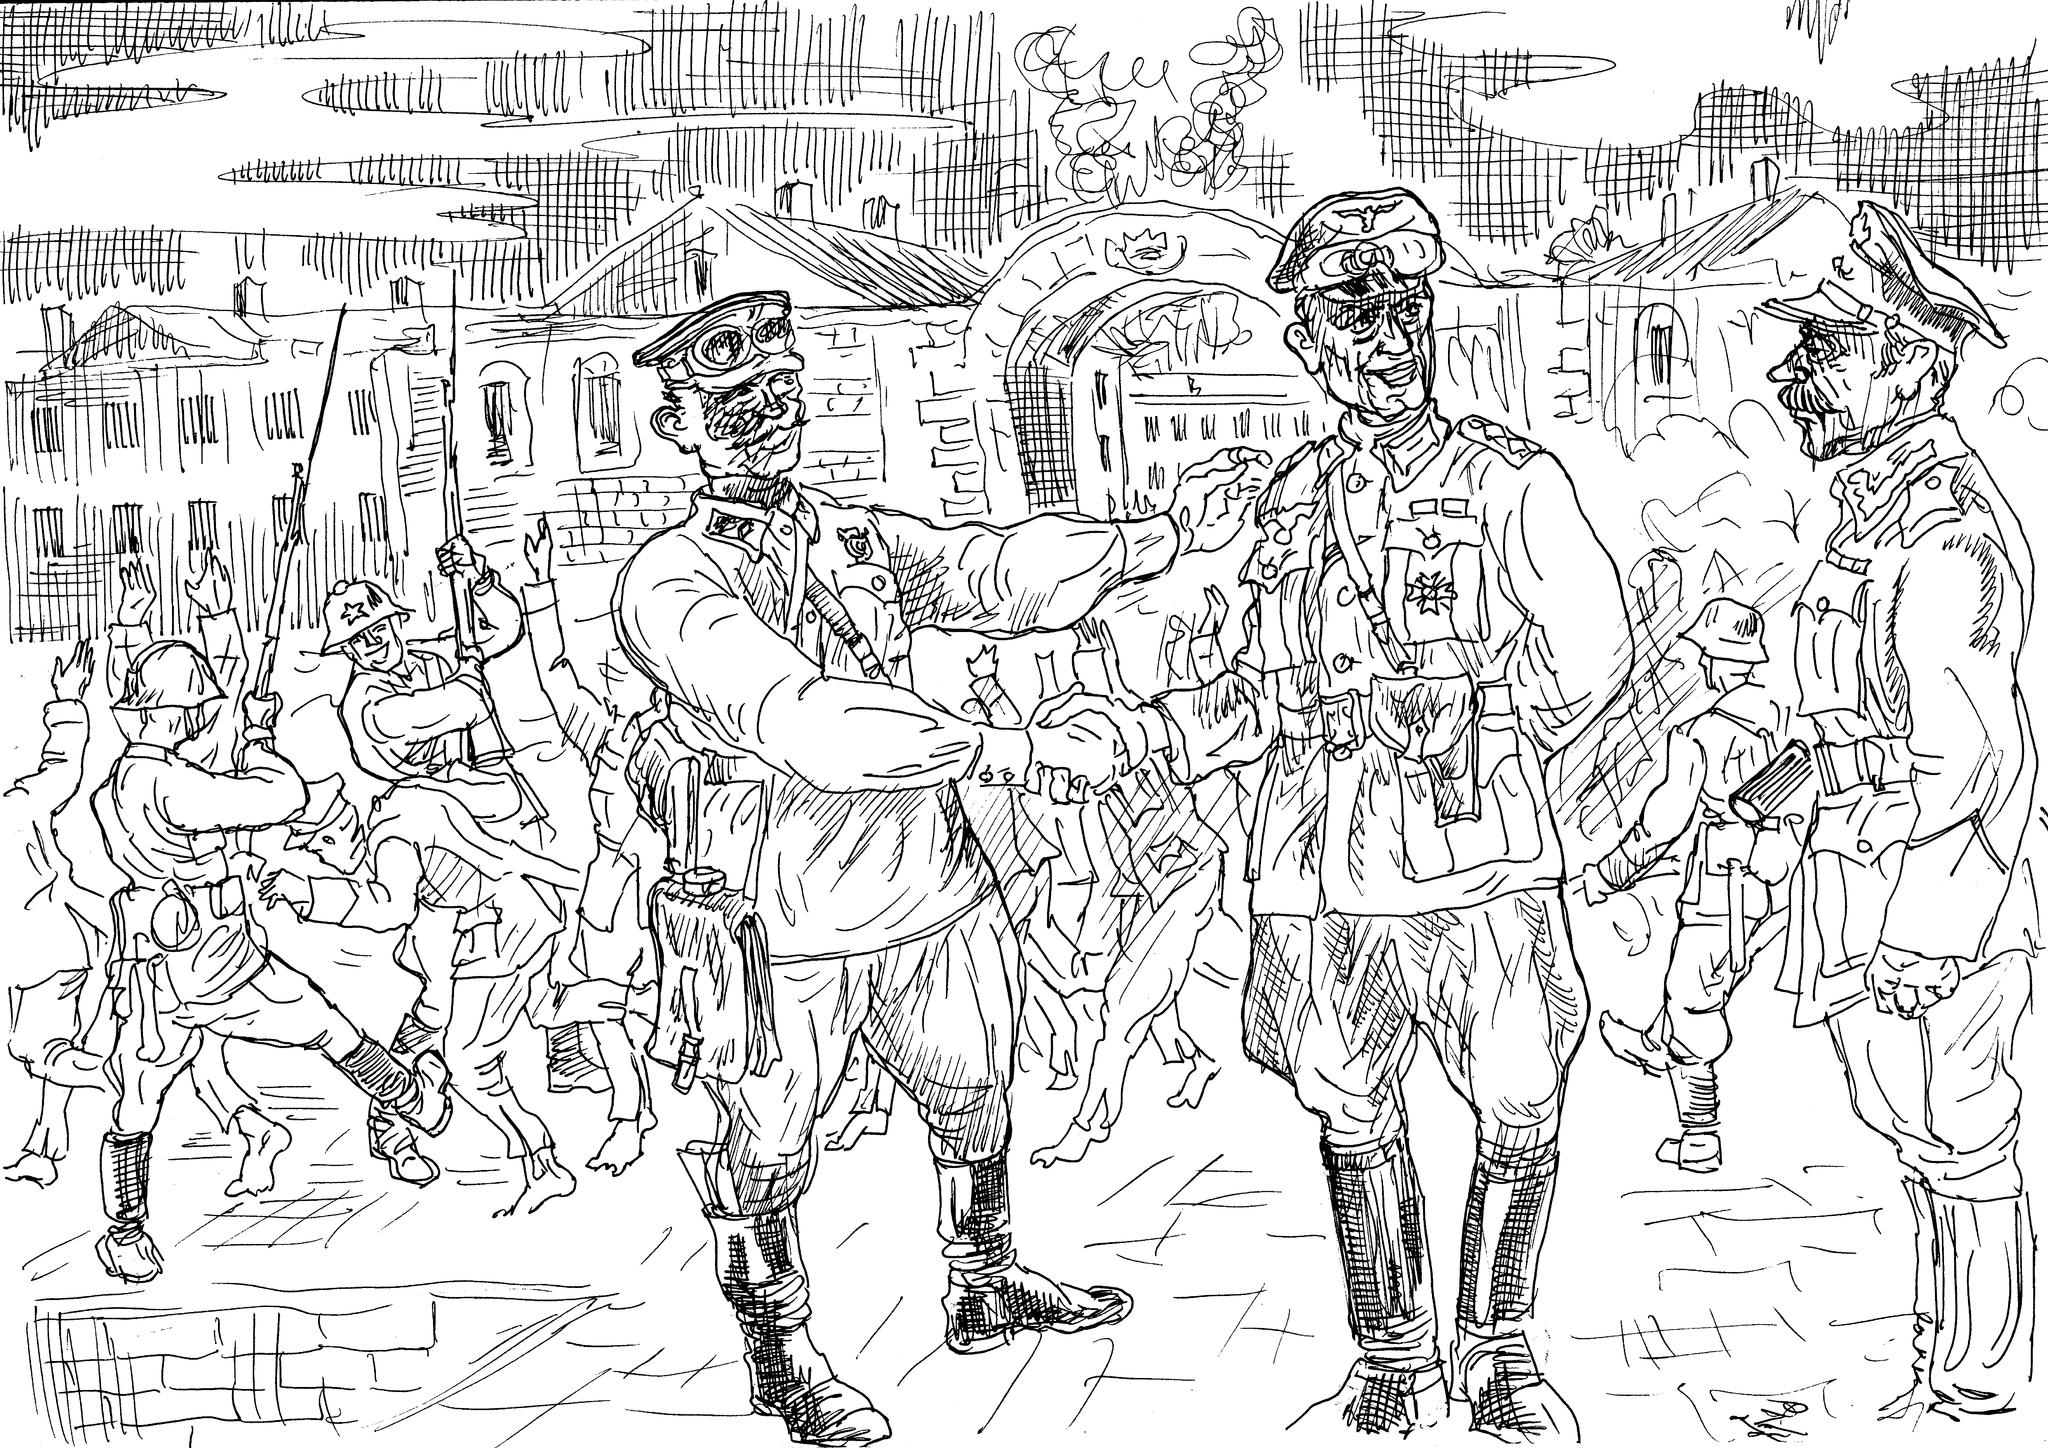 Брестскую крепость немцы брали дважды в 1939 и 1941 годах. В начале Второй Мировой и в начале Великой Отечественной